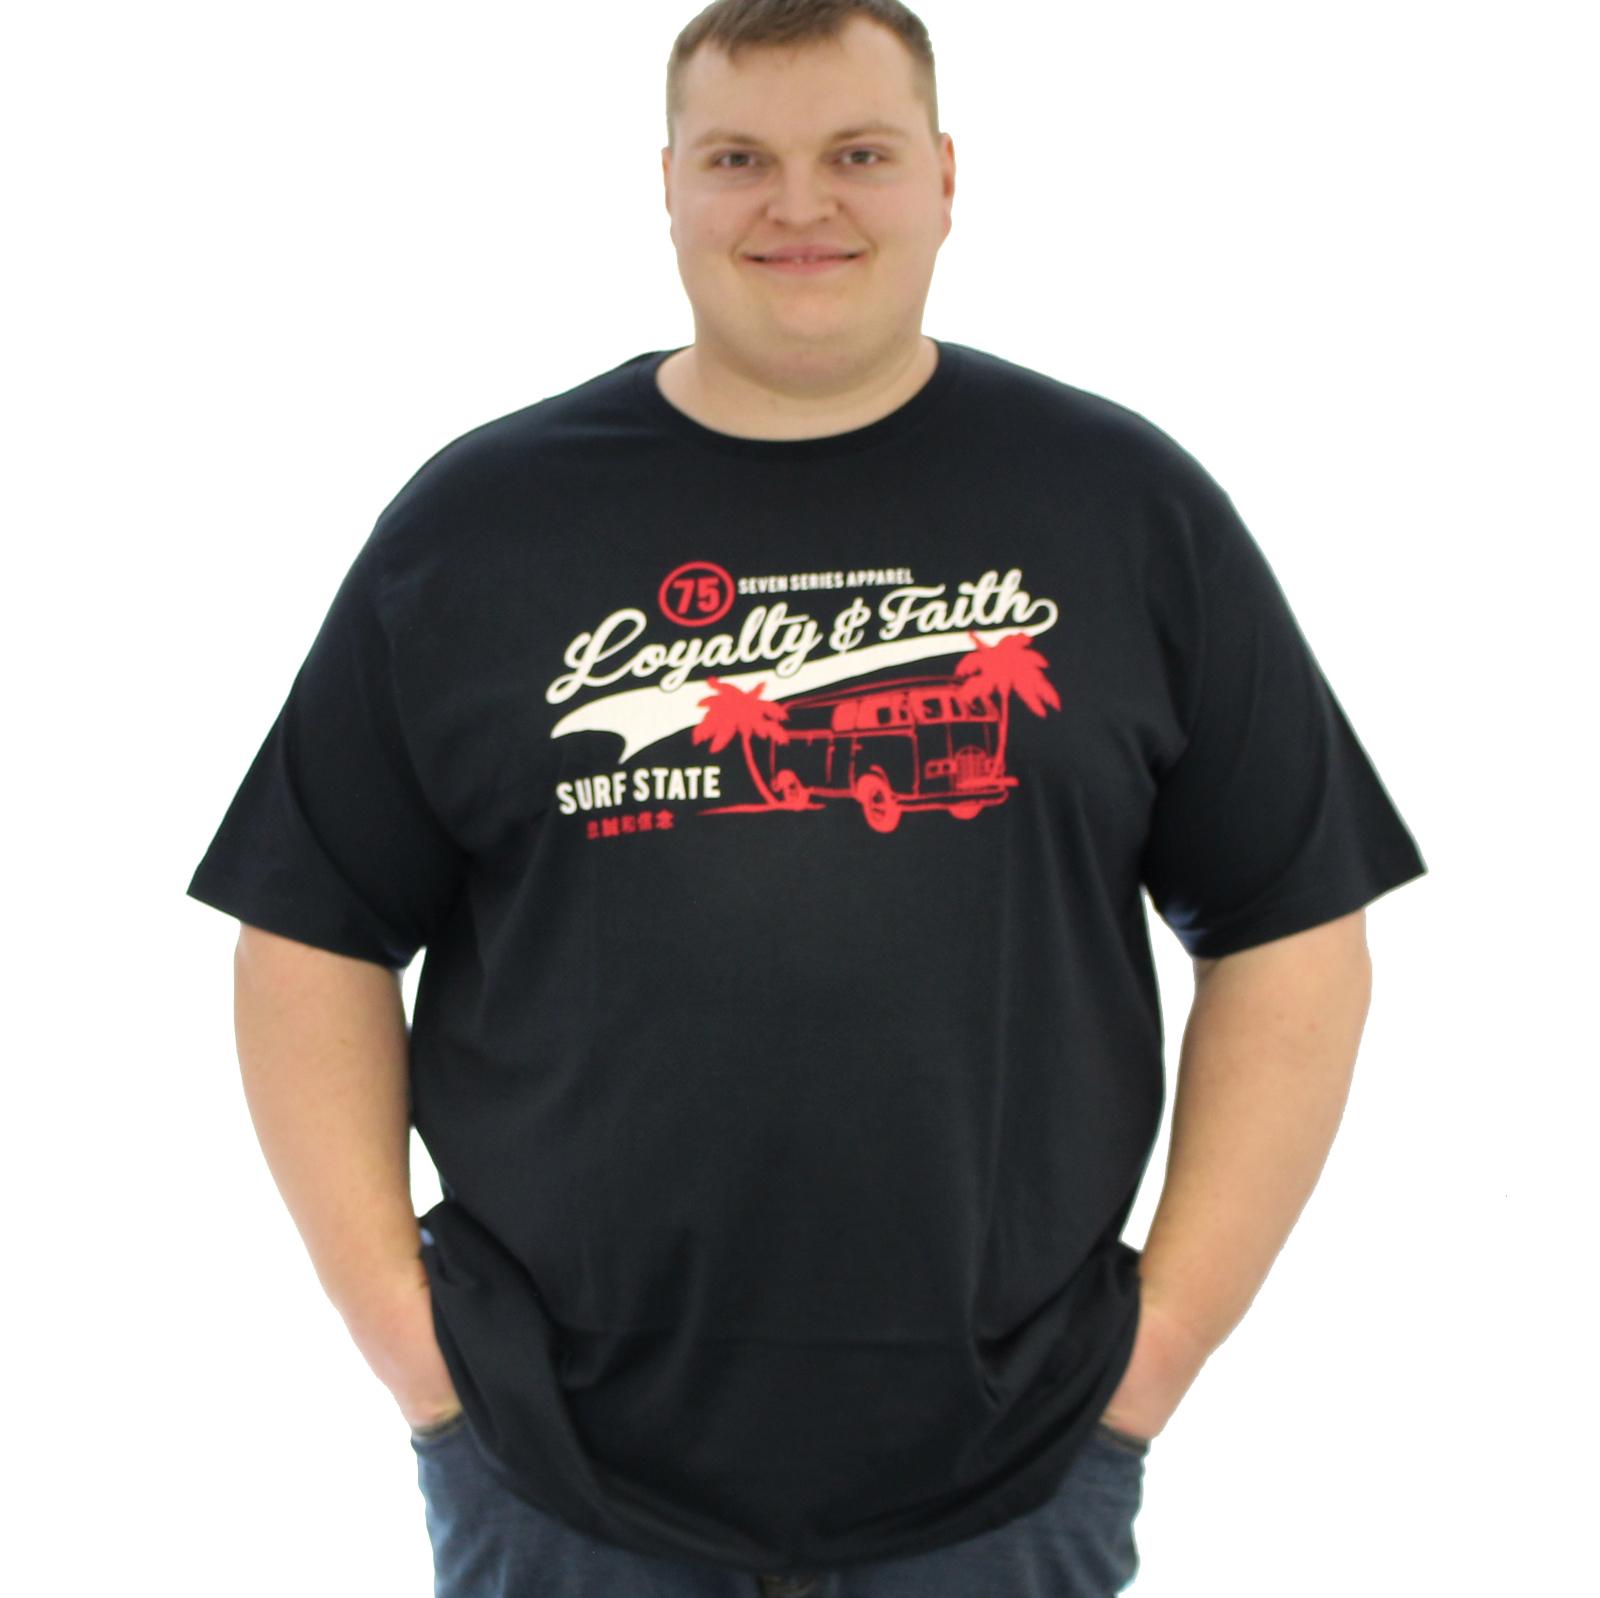 Loyalty & Faith Southport T-Shirt - Navy